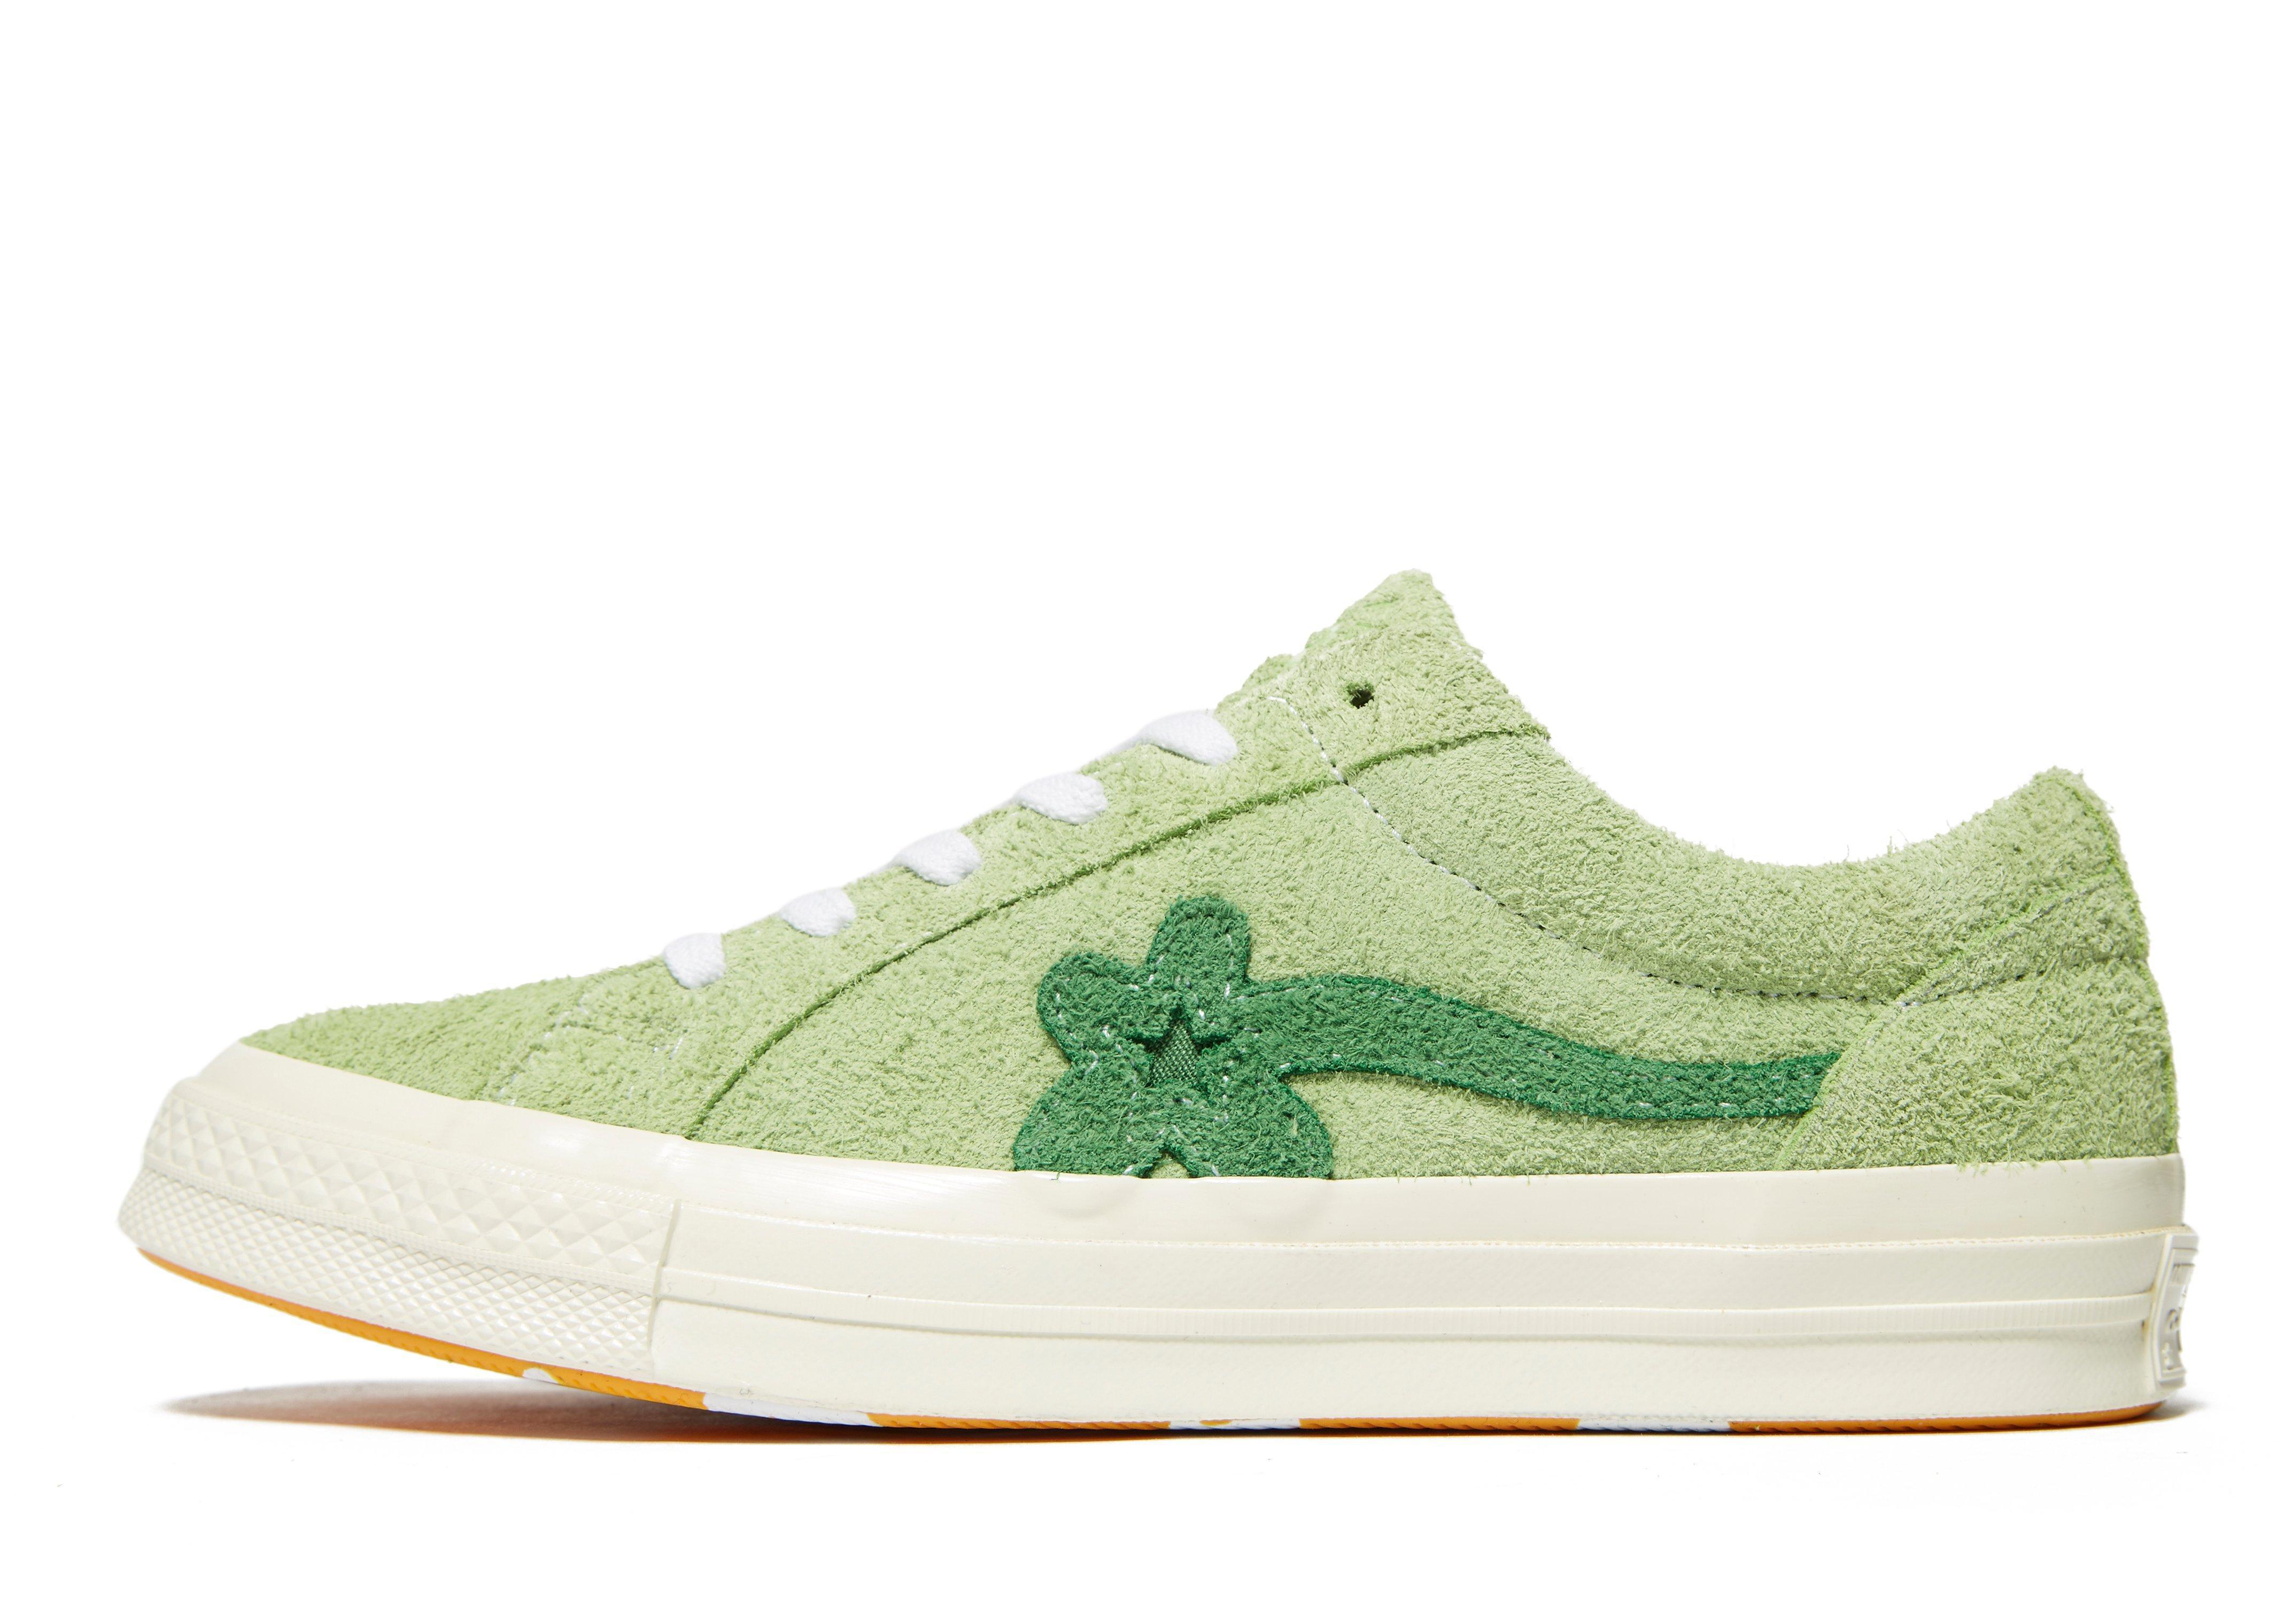 Converse & qv9iHx3ker le FLEUR* Edition qv9iHx3ker 6.1 One Star Sneakers TYAi8d